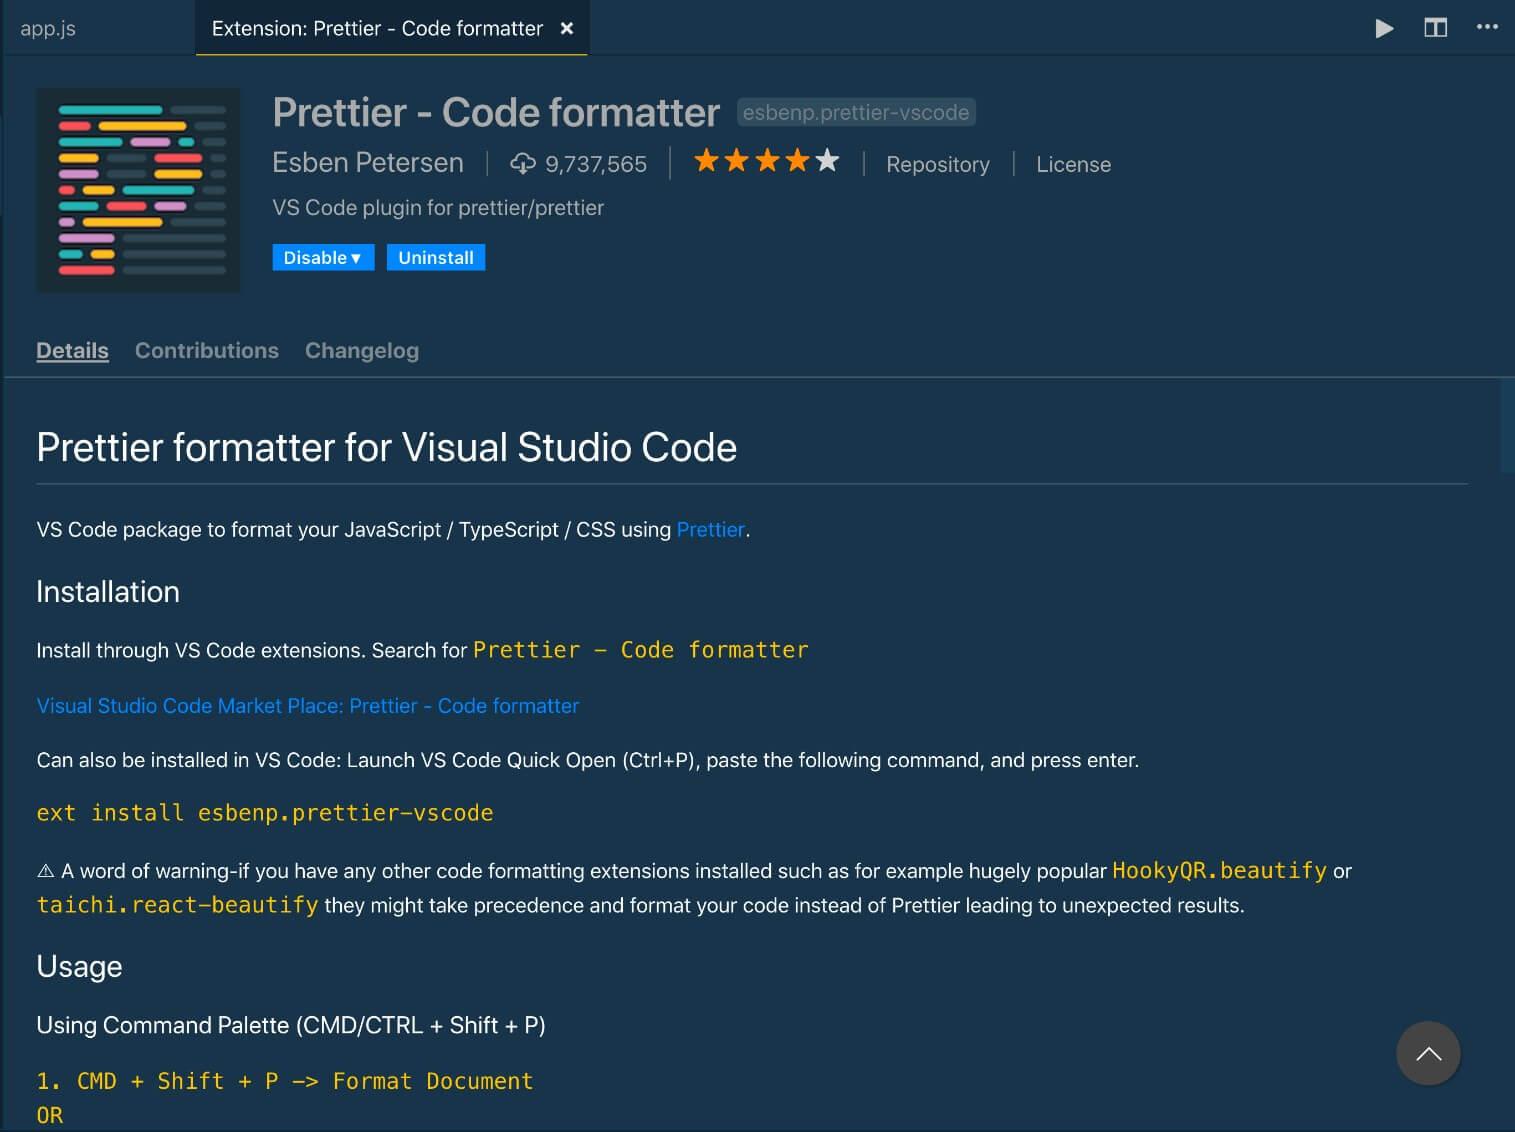 come creare un programma formattato con l'estensione prettier in visual studio code